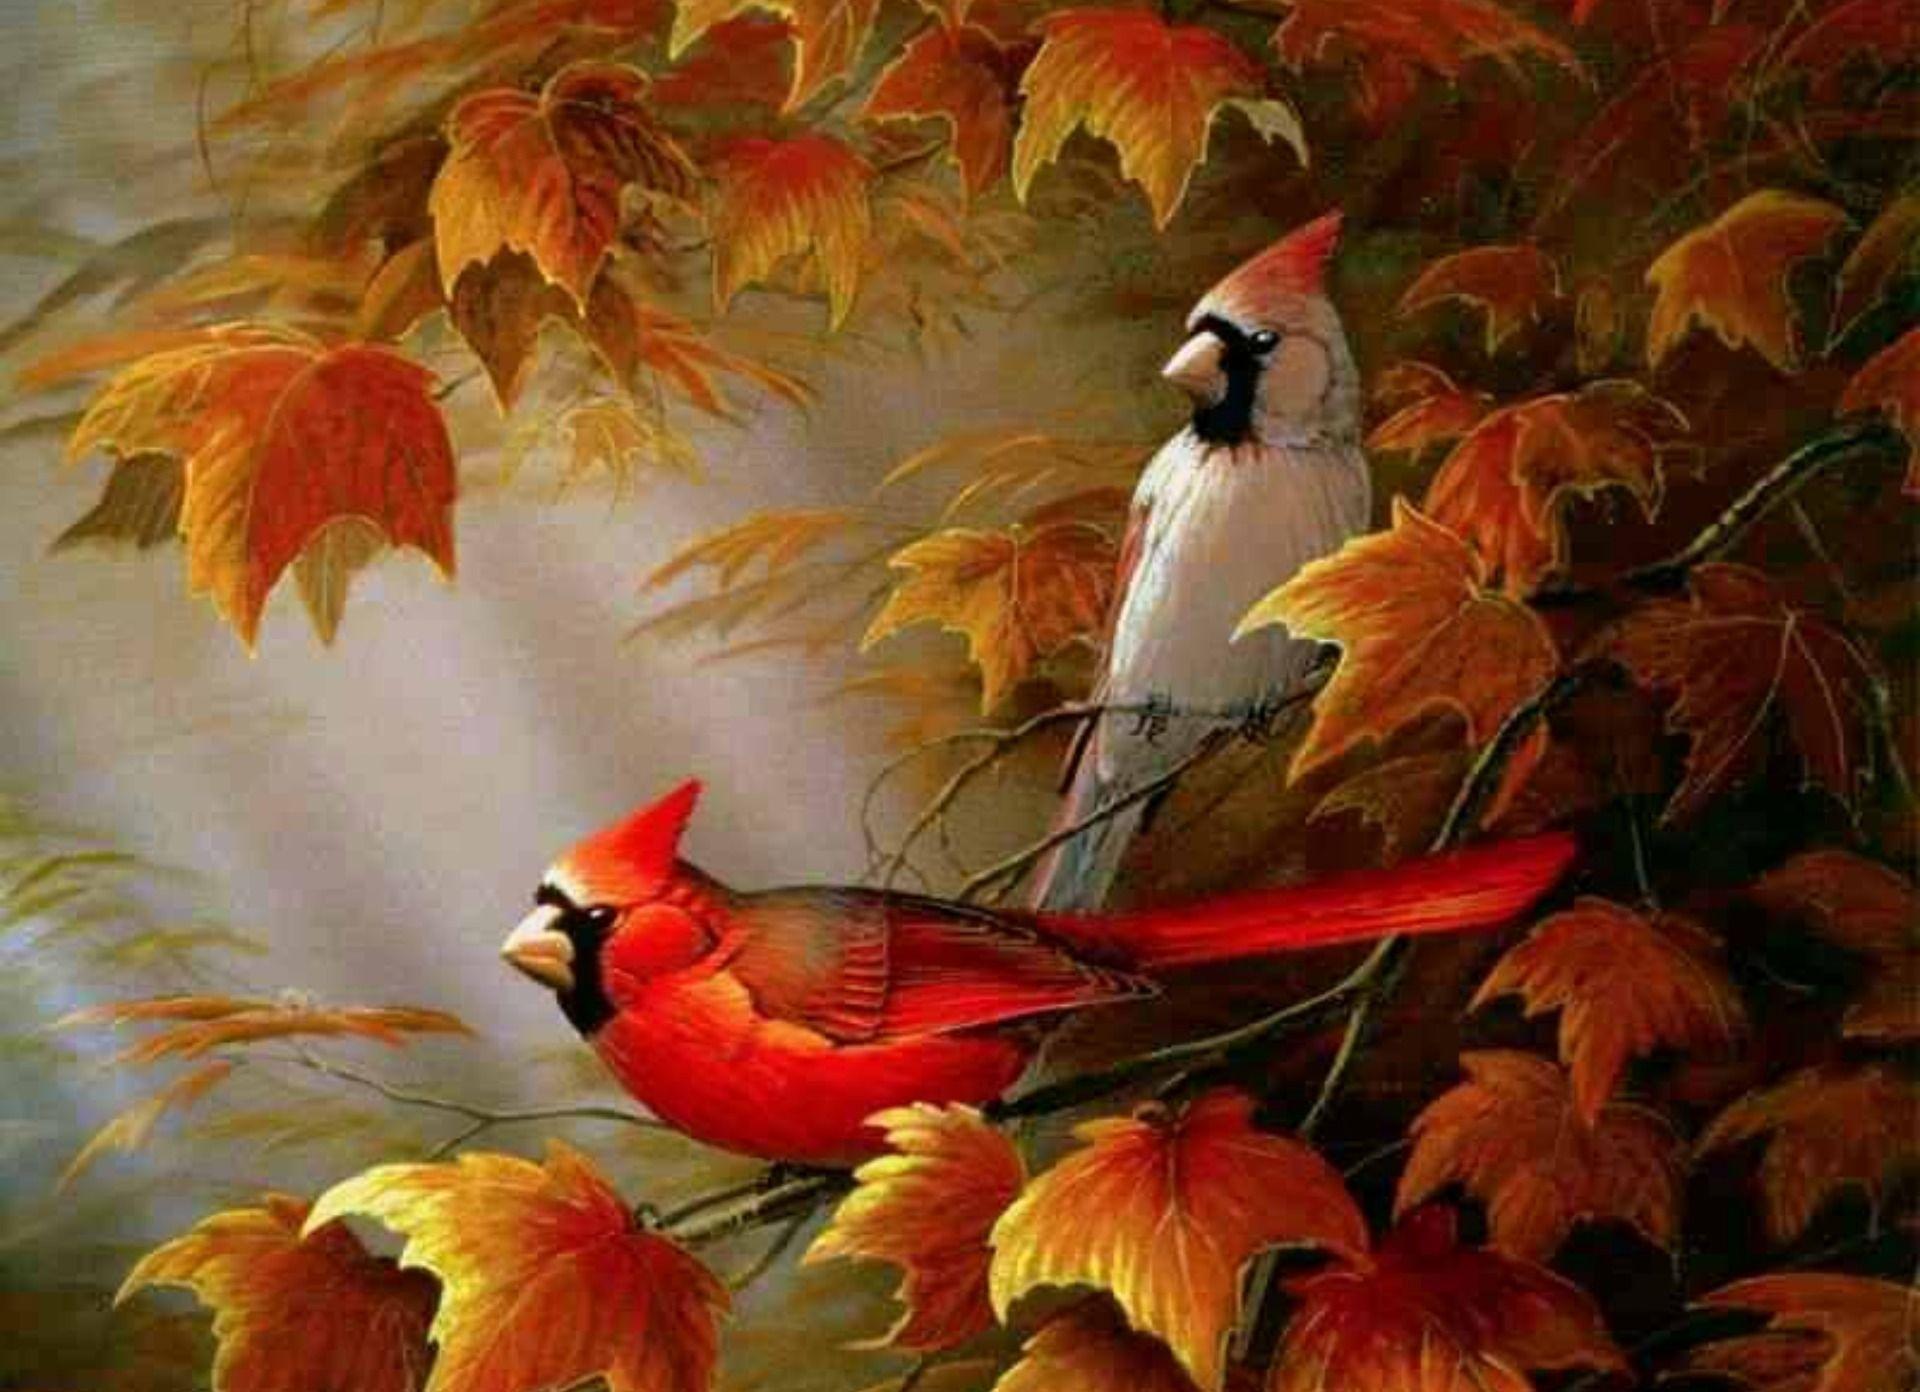 Autumn Cardinals Wallpapers